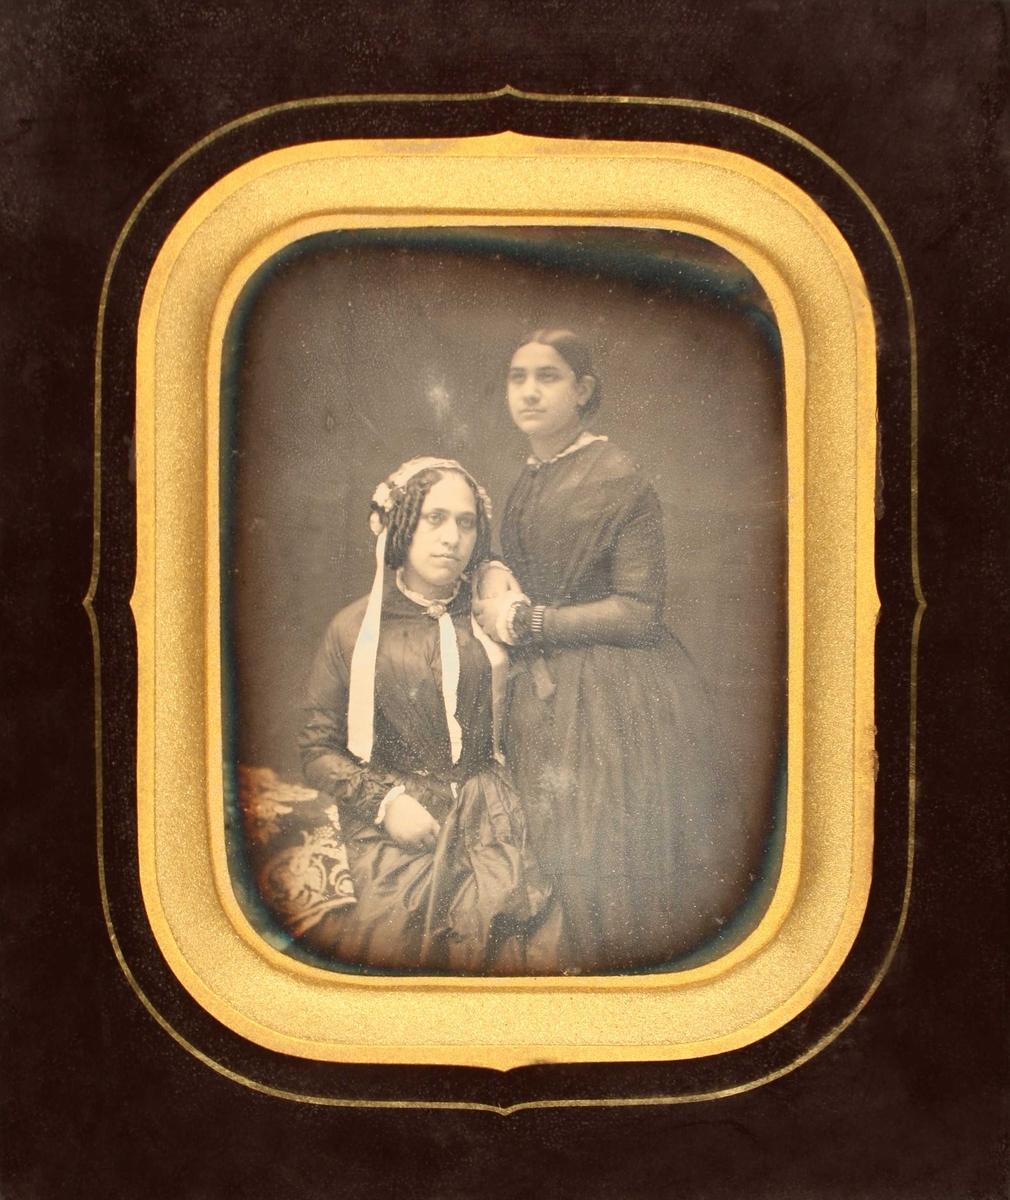 Portrett av to søstre, Hedevig Berg og Bella Nan, 1851. To kvinner, sittende/stående,  sittende kvinne med hengekrøller og hvitt hodeplagg med  lange bånd nedover kjolen. Brosje i halsen og rysj i forkant,  v. albu hviler mot bordkant. Th. stående kvinne, venstrevendt,  hviler begge hender mot den annens skulder.  Sort innramning med gull innerst.